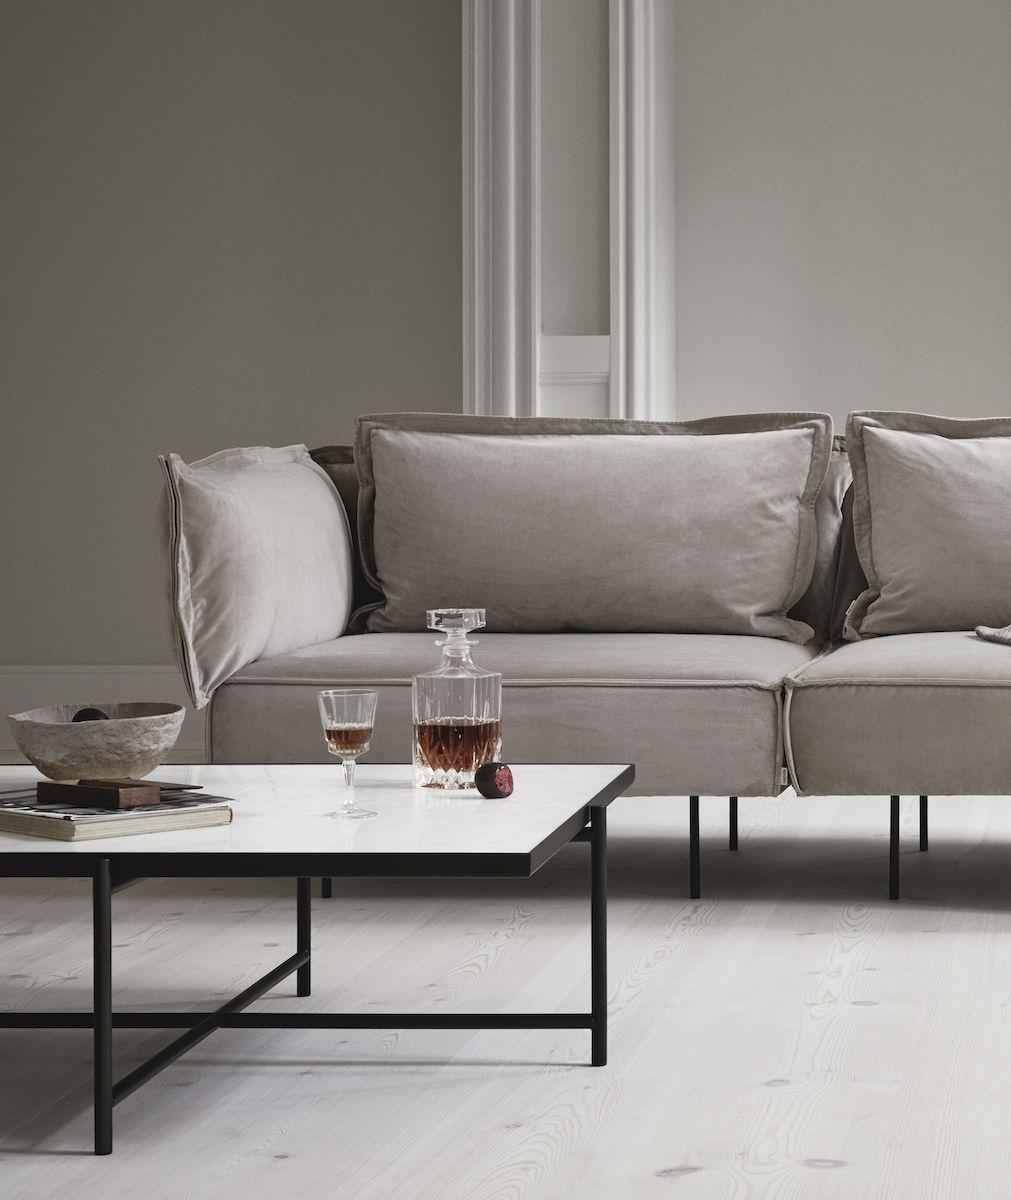 HANDVÄRK Sofabord 92x92 - Hvid Marmor, sort stel  - Sofabord med hvidt marmor